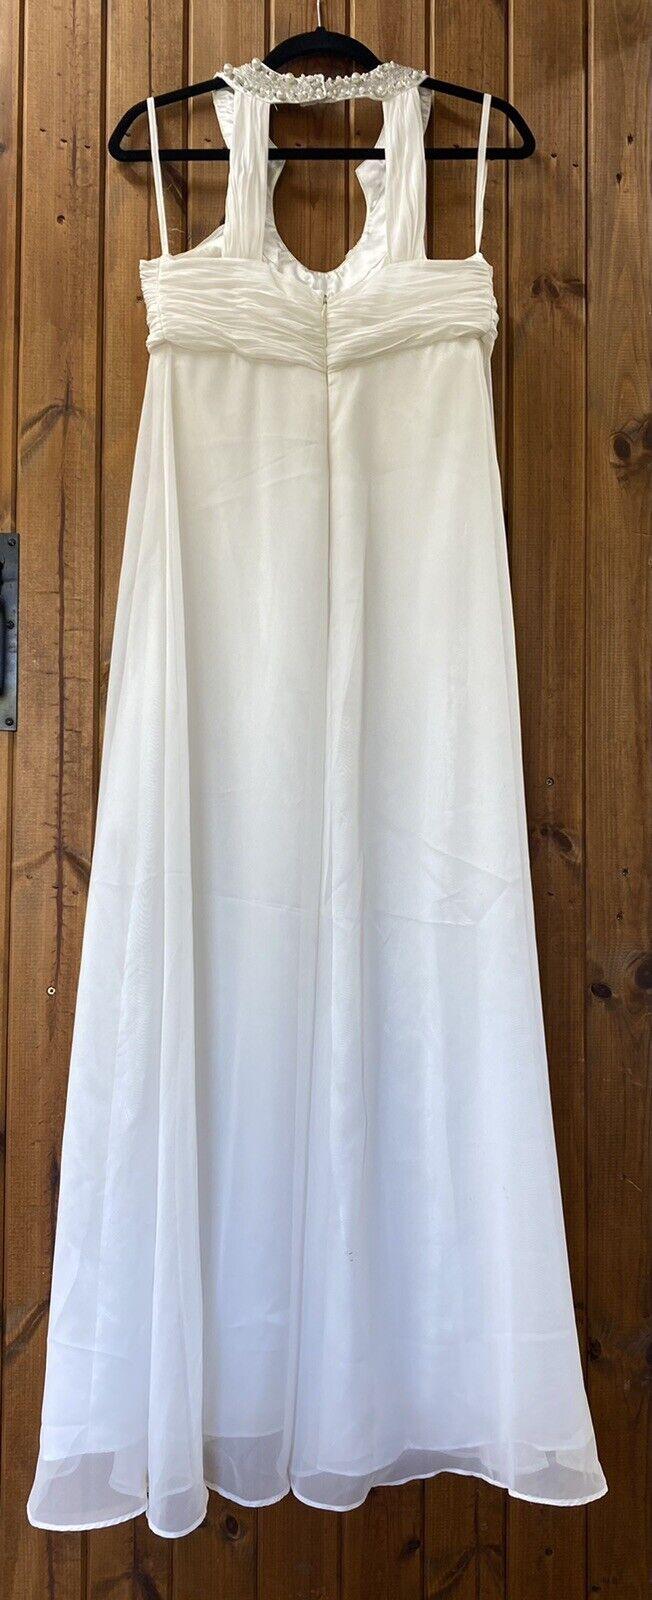 BNWOT Laura Scott Evening/ Prom/ Wedding Dress Soft White Embellished UK 10-12